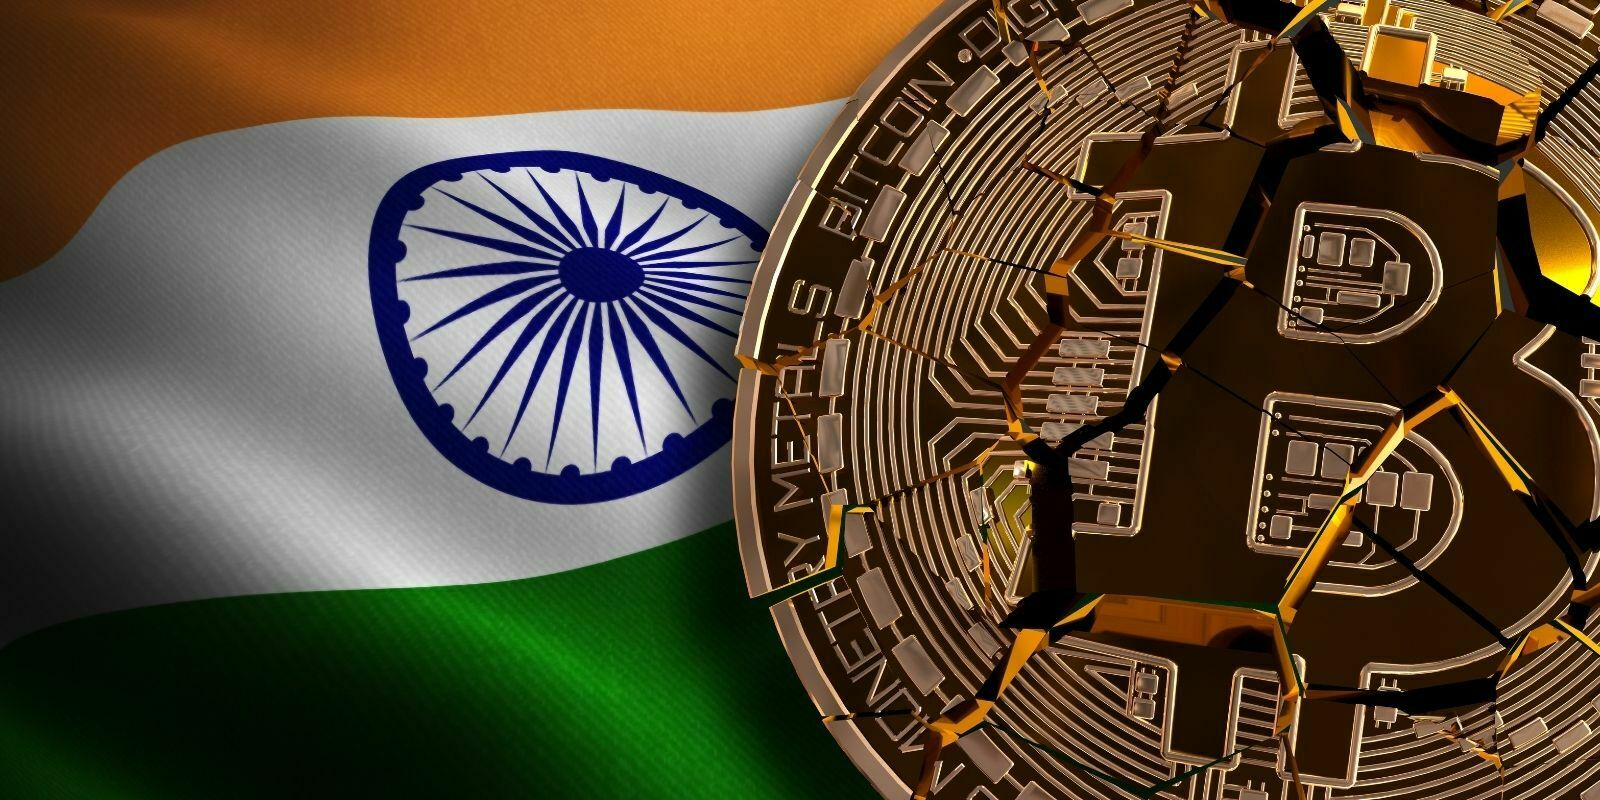 Inde - La loi interdisant les cryptomonnaies et le Bitcoin (BTC) devrait être adoptée